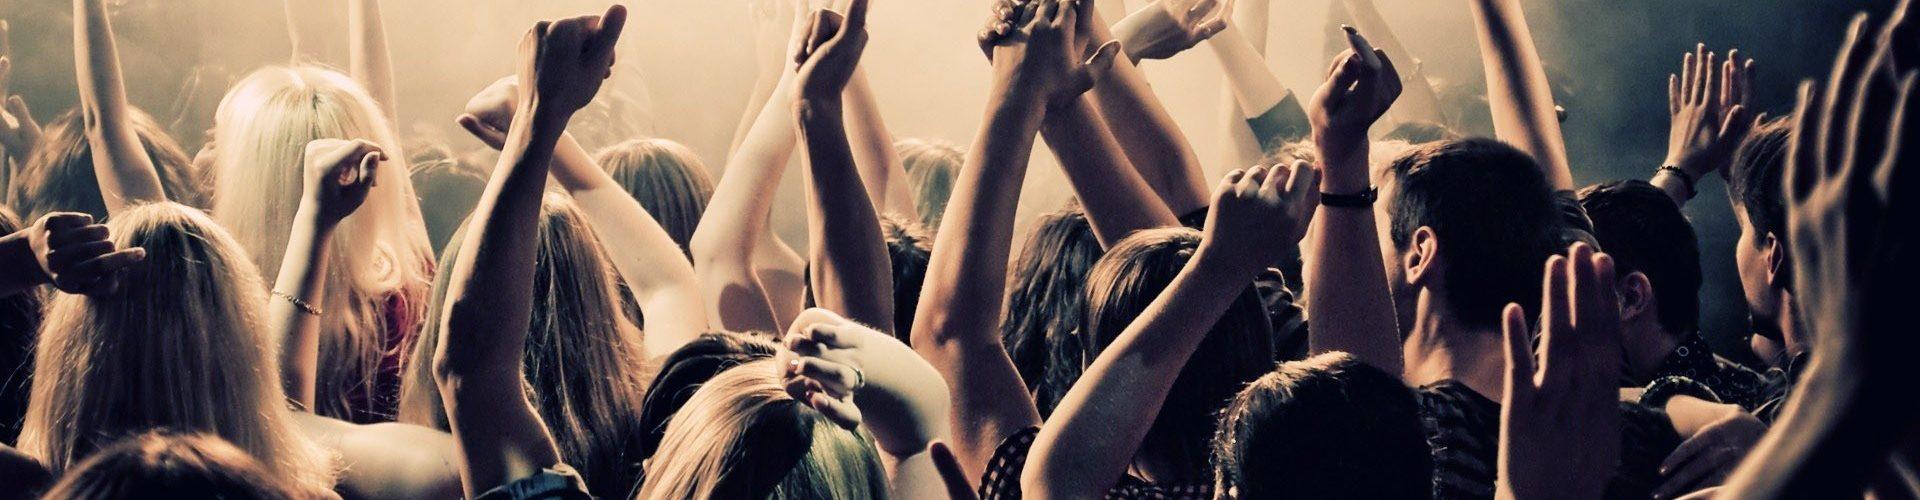 Bus Concerti Live Concert